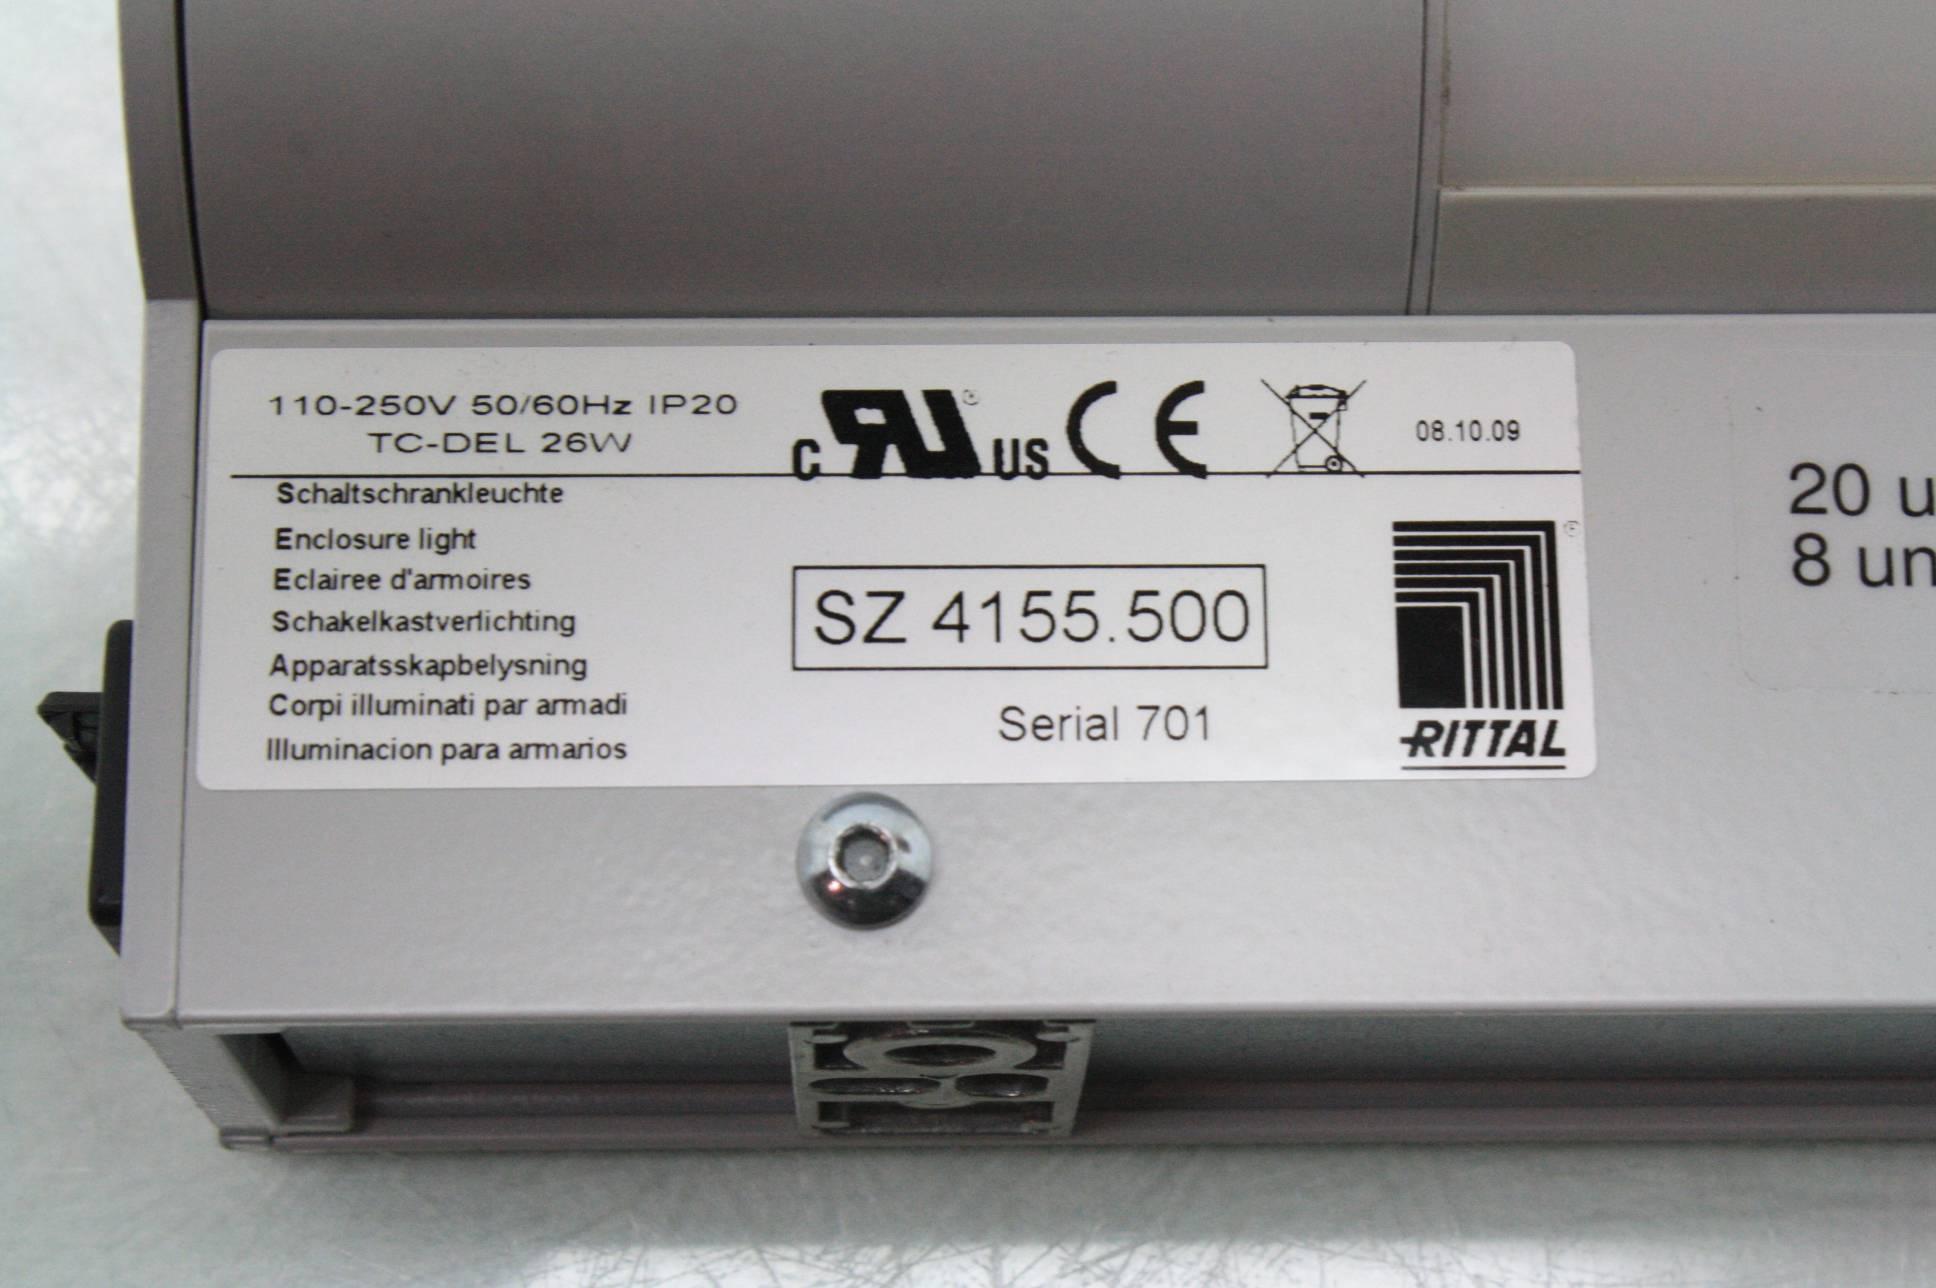 Rittal Sz 4155 500 Industrial Control Enclosure Light Fixture 110-250v - Used